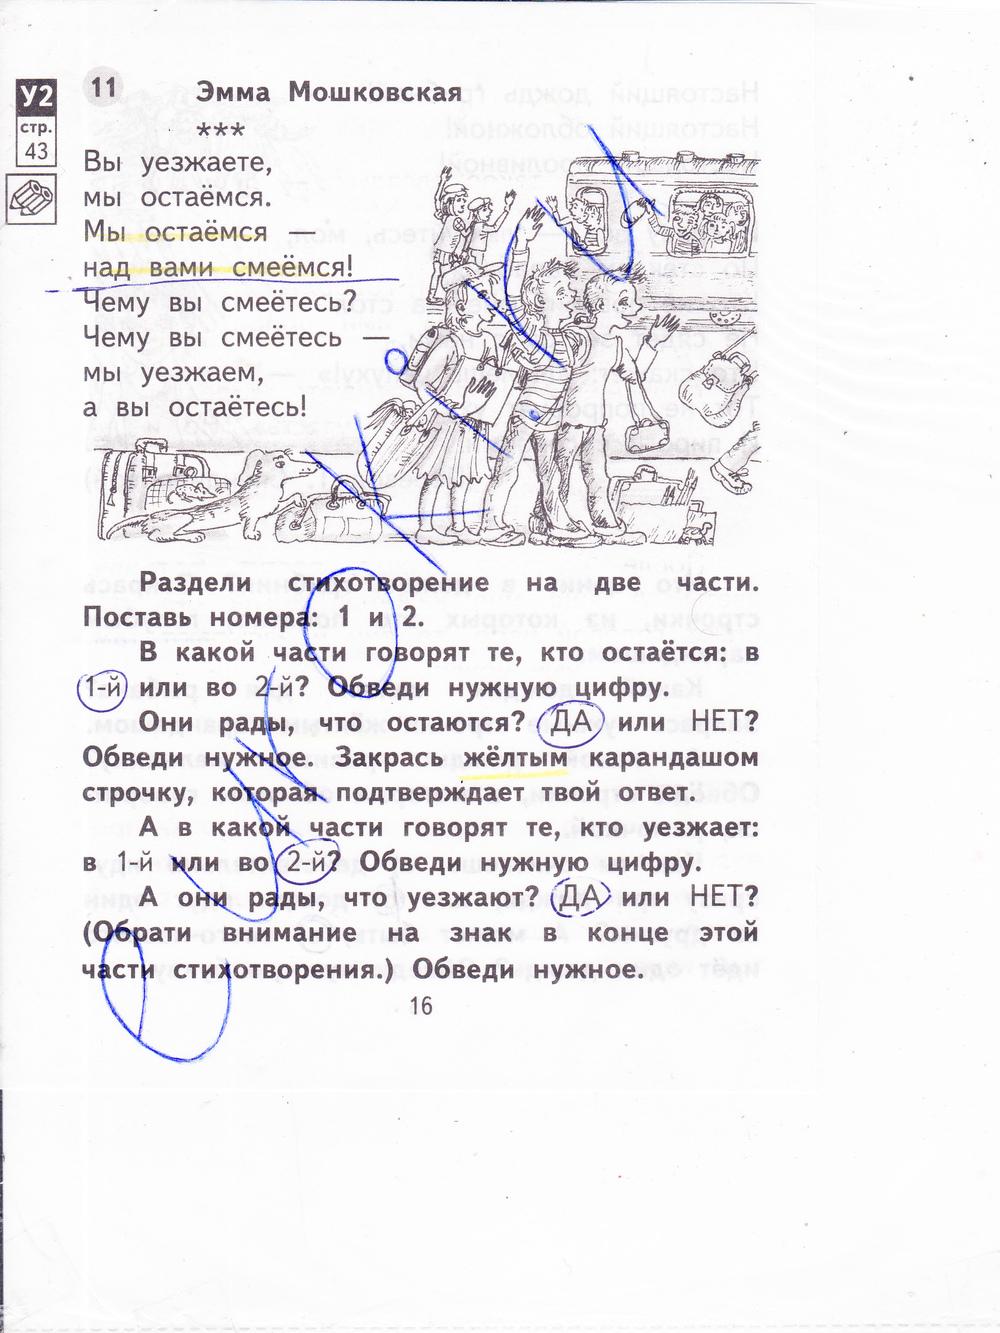 ГДЗ по литературному чтению 2 класс рабочая тетрадь Малаховская Часть 1, 2. Задание: стр. 16